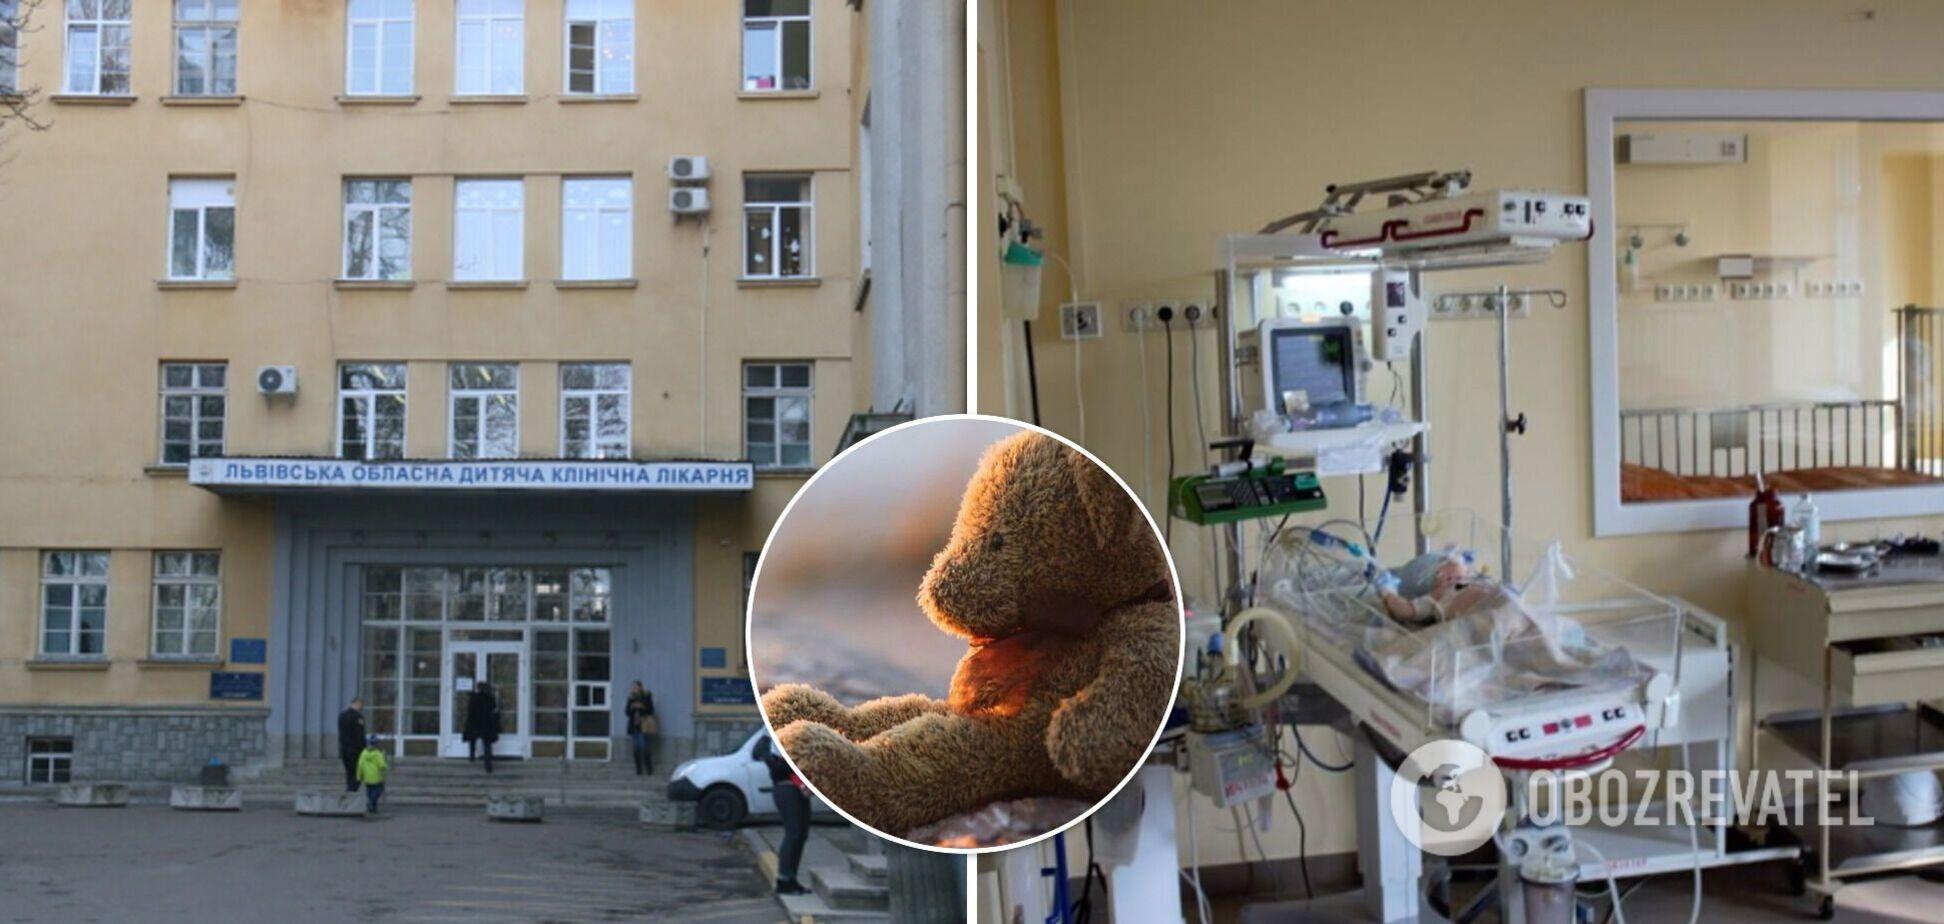 У Львові розгорівся скандал навколо смерті немовляти: батьки звинувачують у трагедії медиків